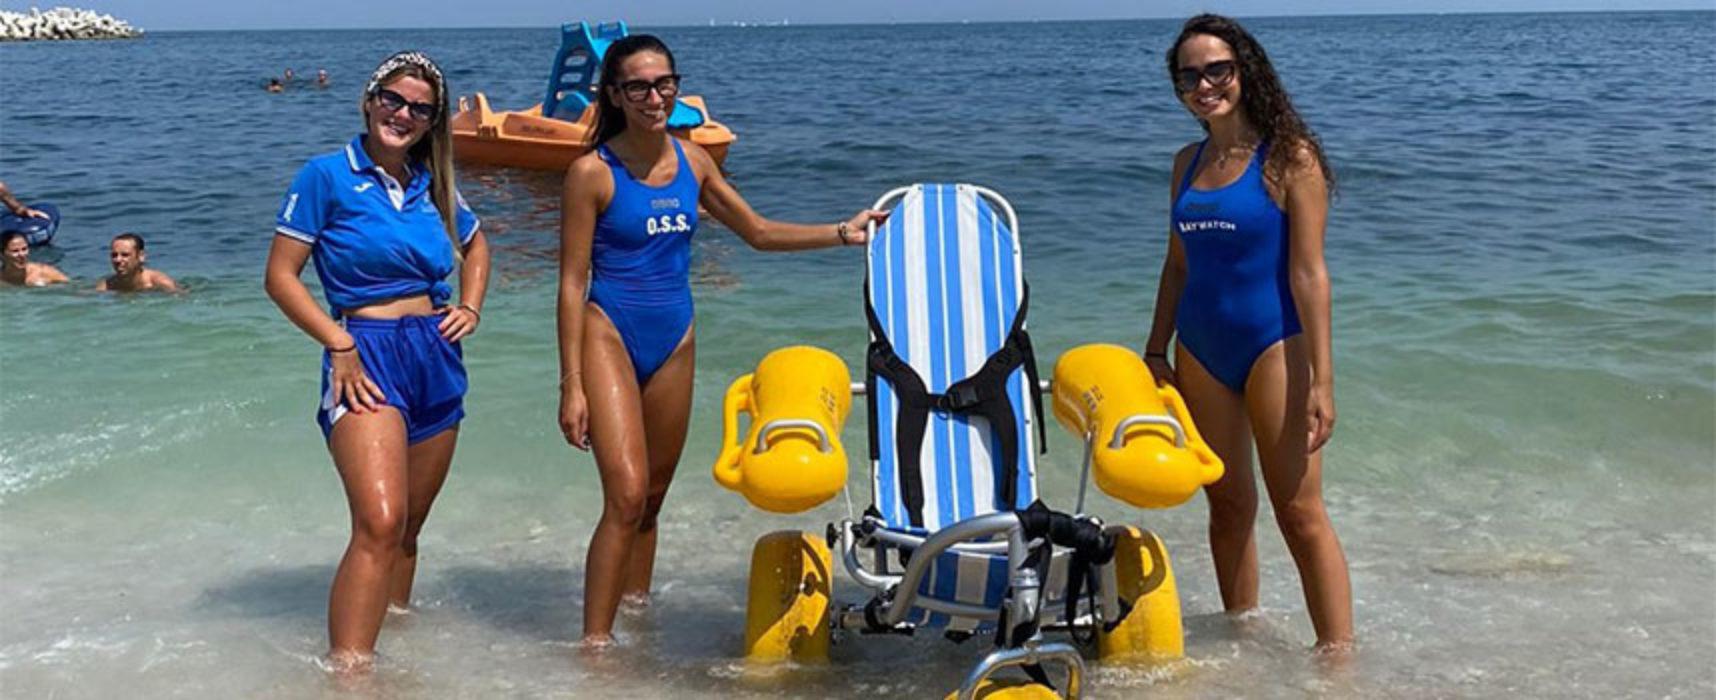 Riparte il servizio per l'accesso in mare delle persone disabili